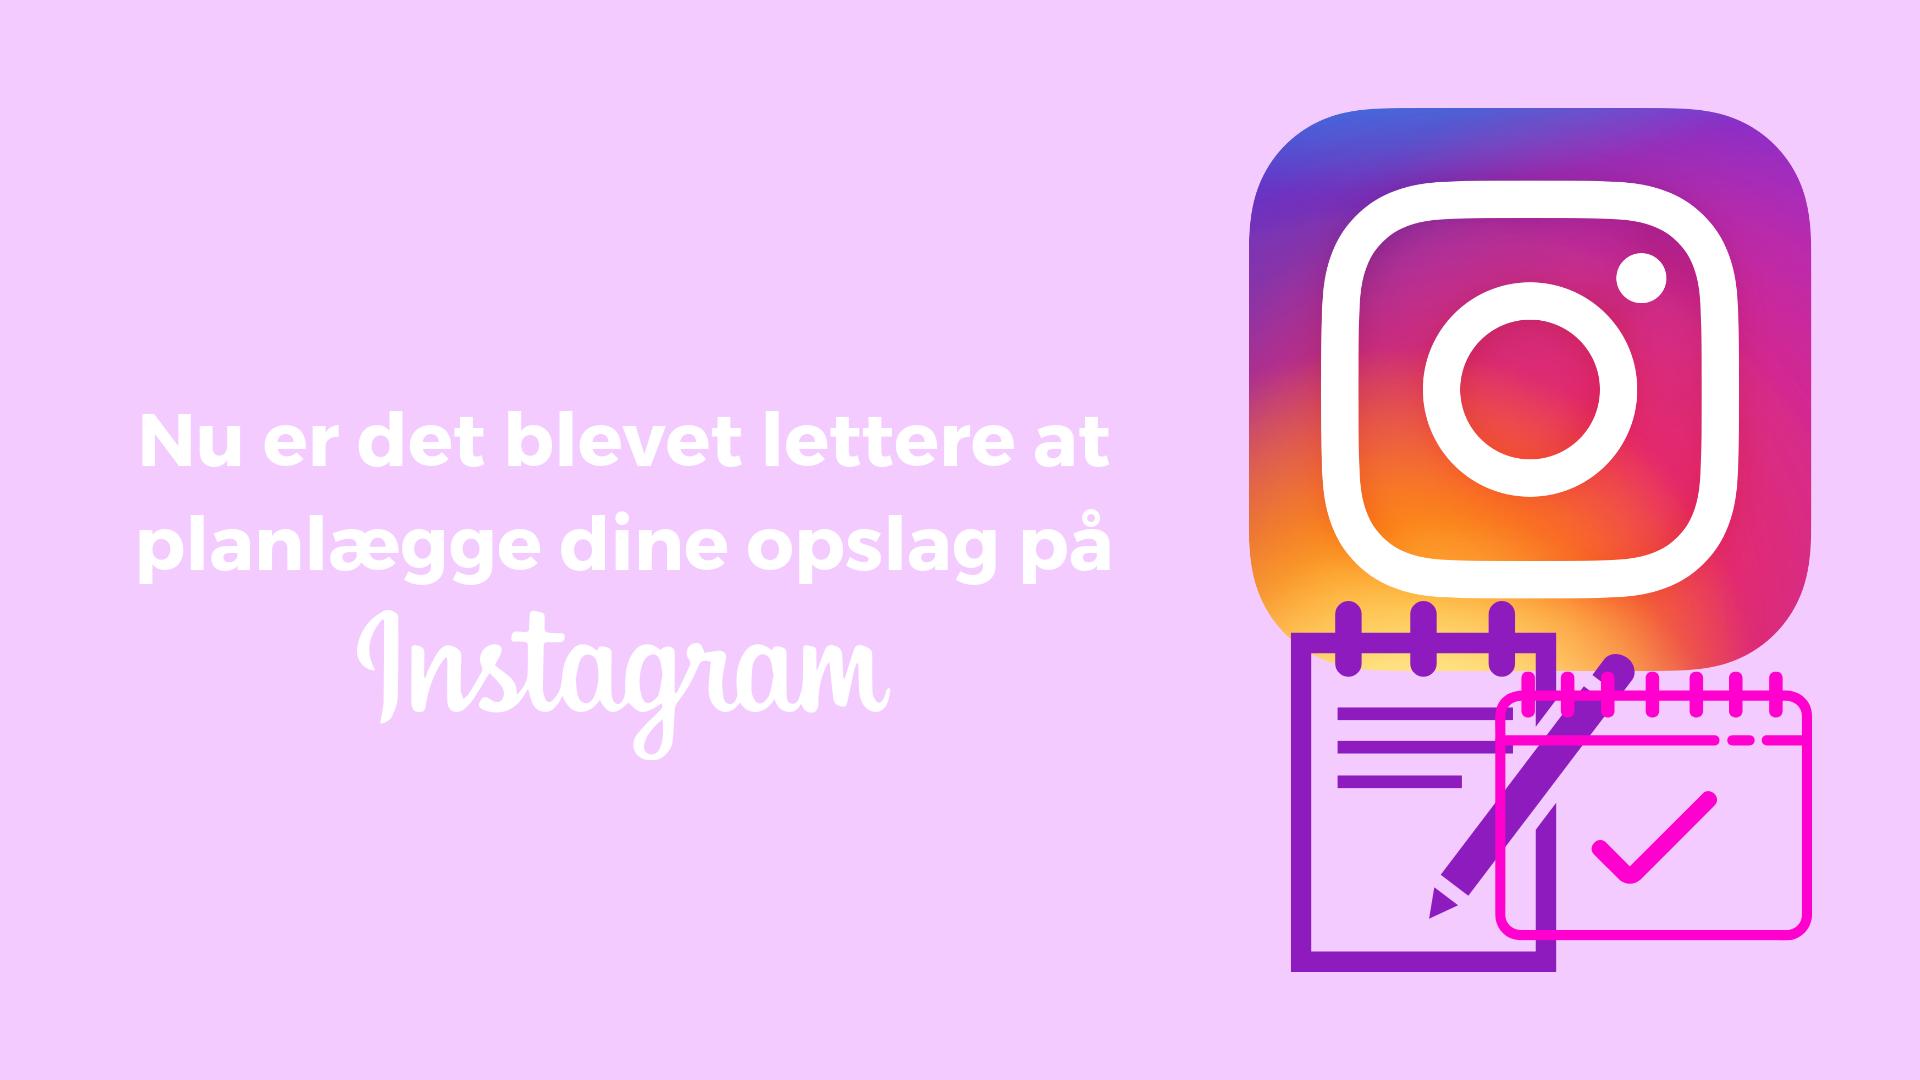 Planlæg opslag Instagram